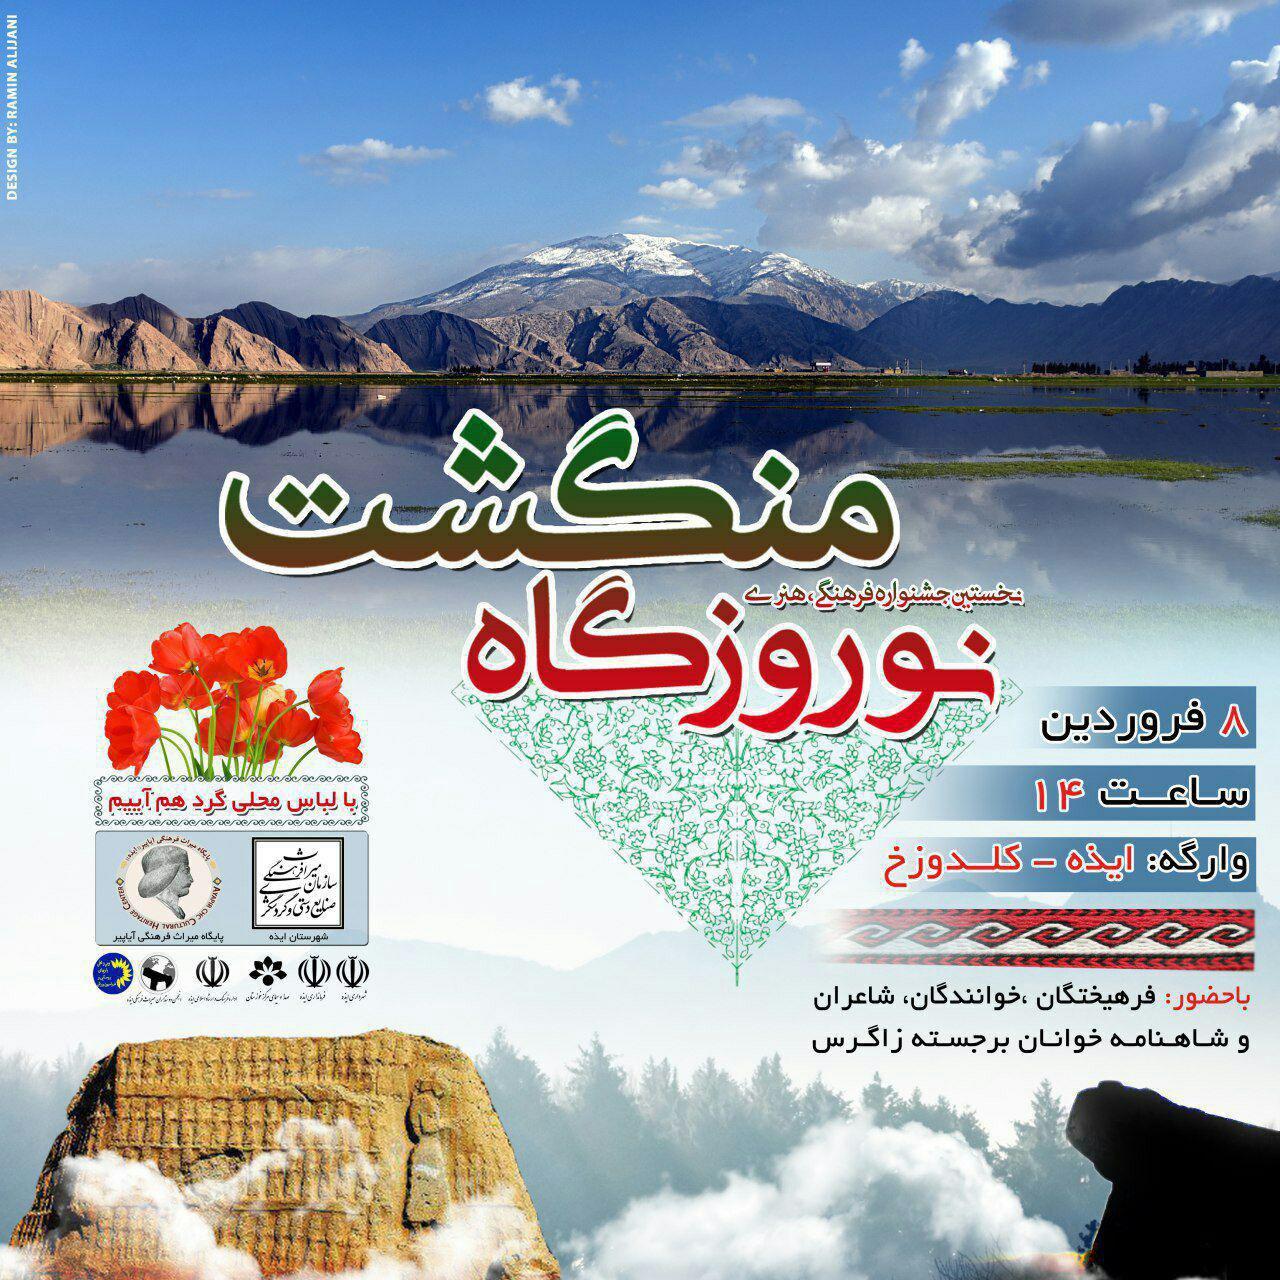 رئیس اداره میراث فرهنگی ایذه: جشنواره نوروزگاه منگشت در ایذه برگزار می شود